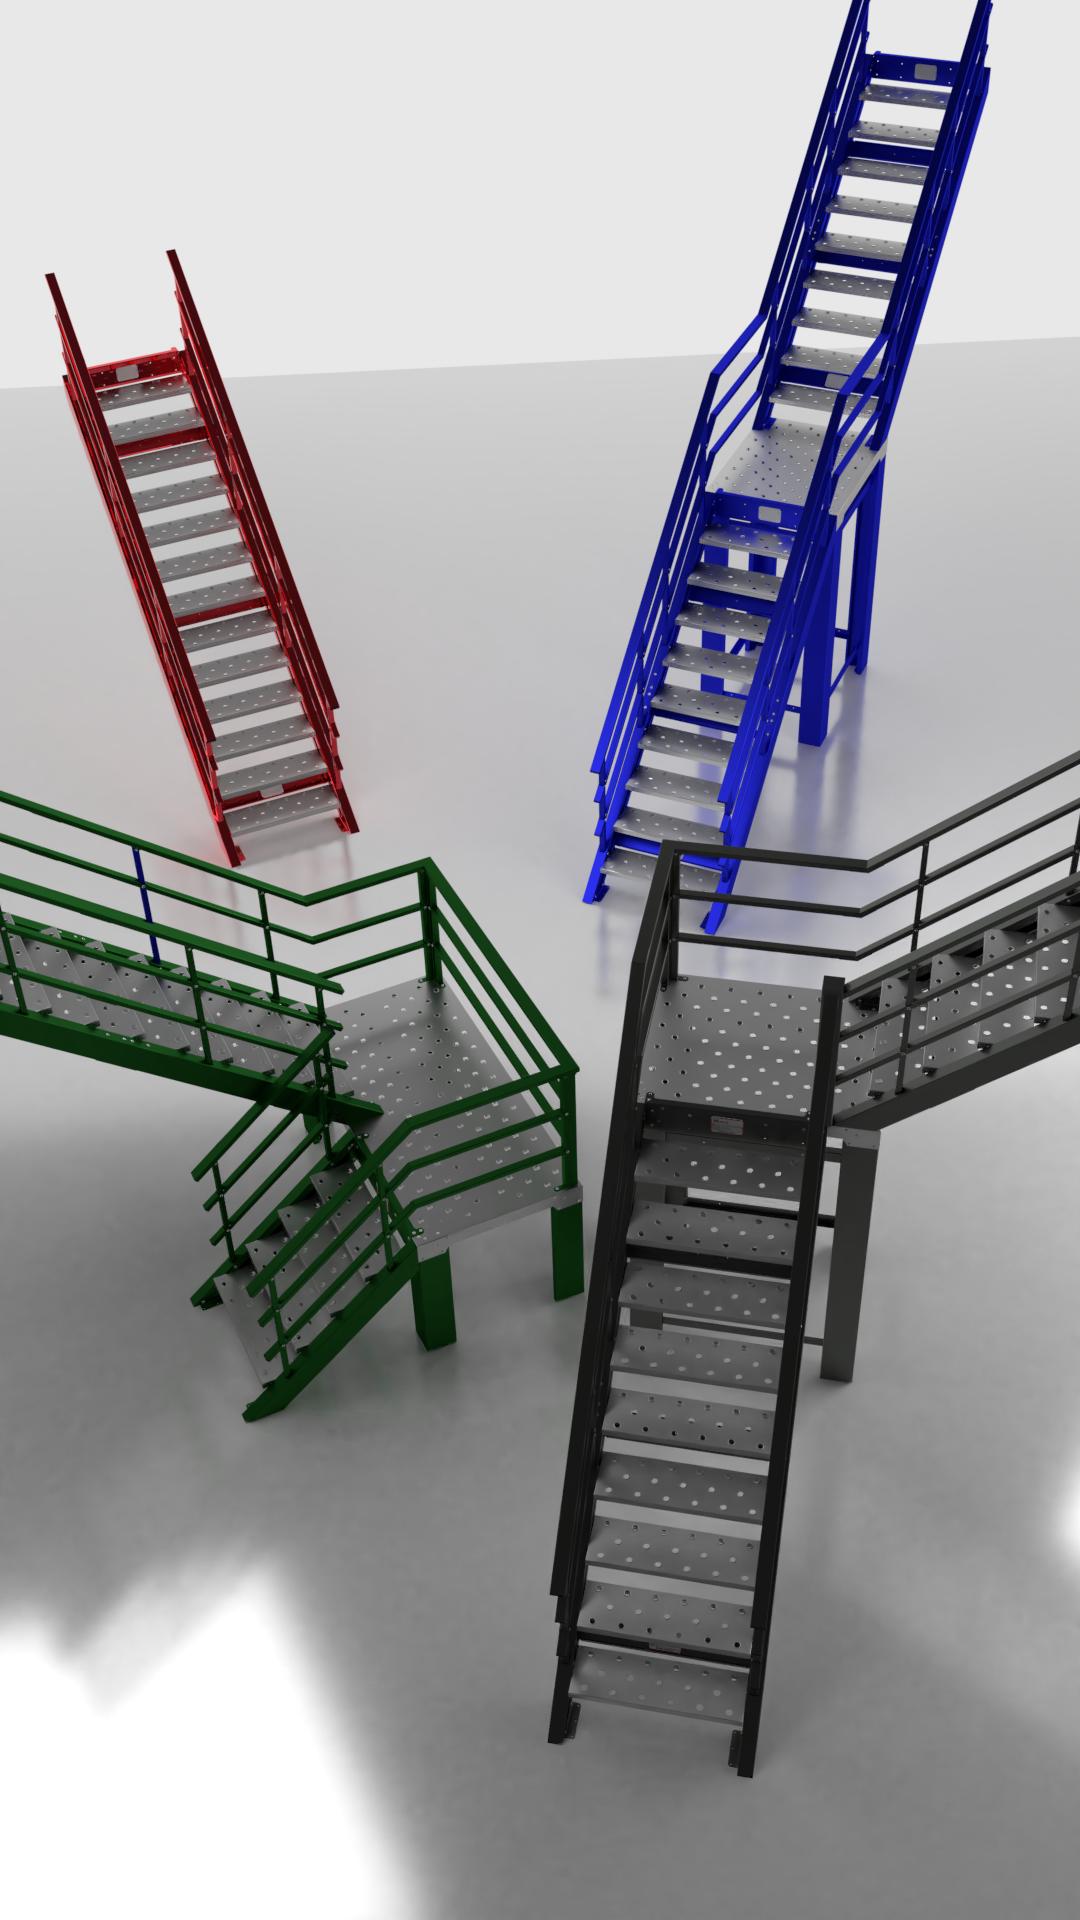 Escaleras Indes·K